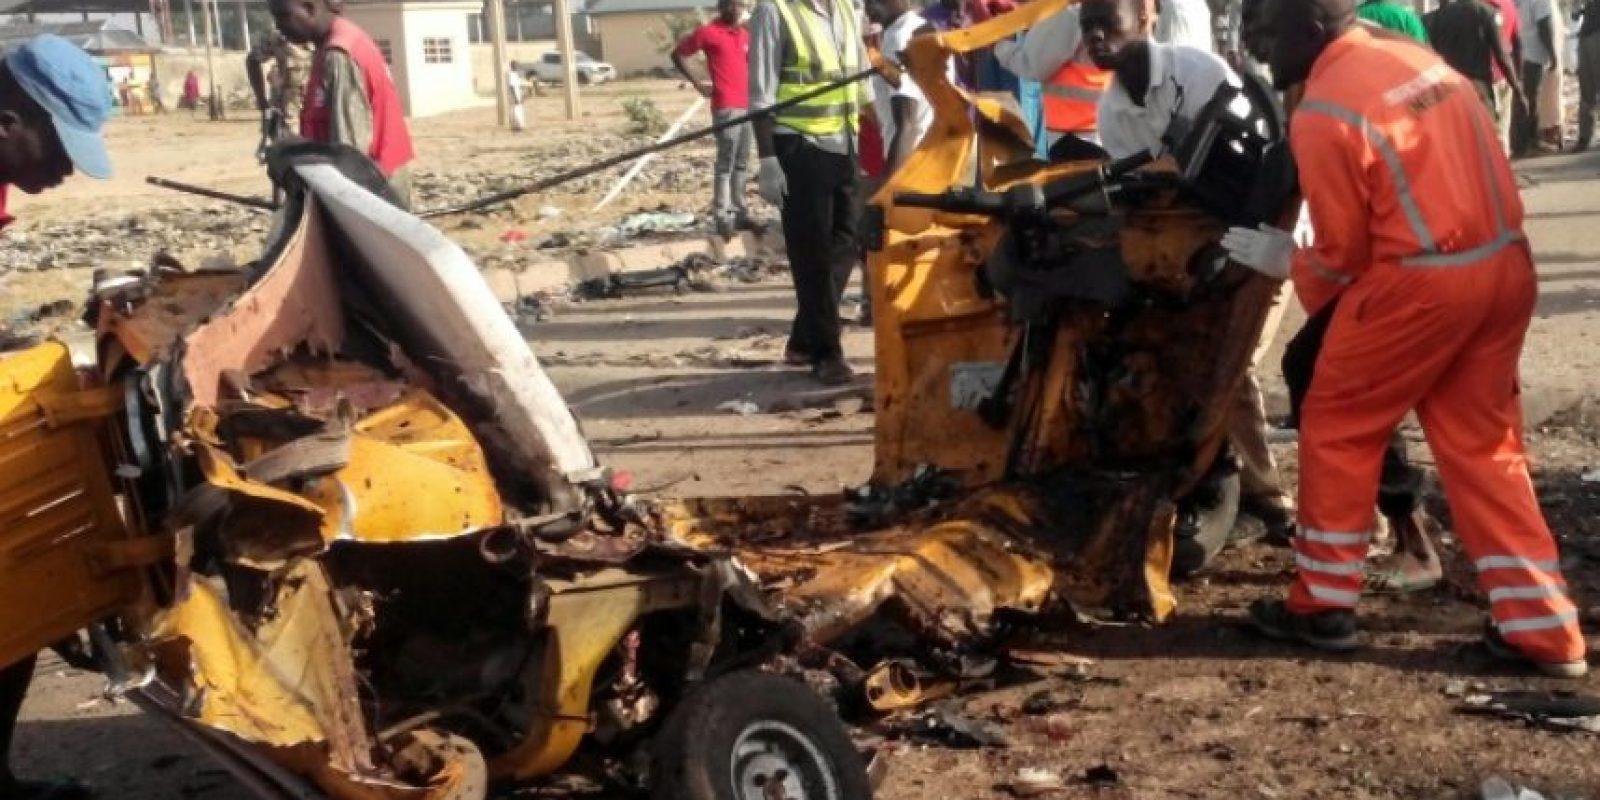 Restos de un vehículo destrozado en uno de los dos atentados suicidas producidos en Maiduguri (noreste de Nigeria) este 29 de octubre de 2016 Foto:Joshoua Omirin/afp.com